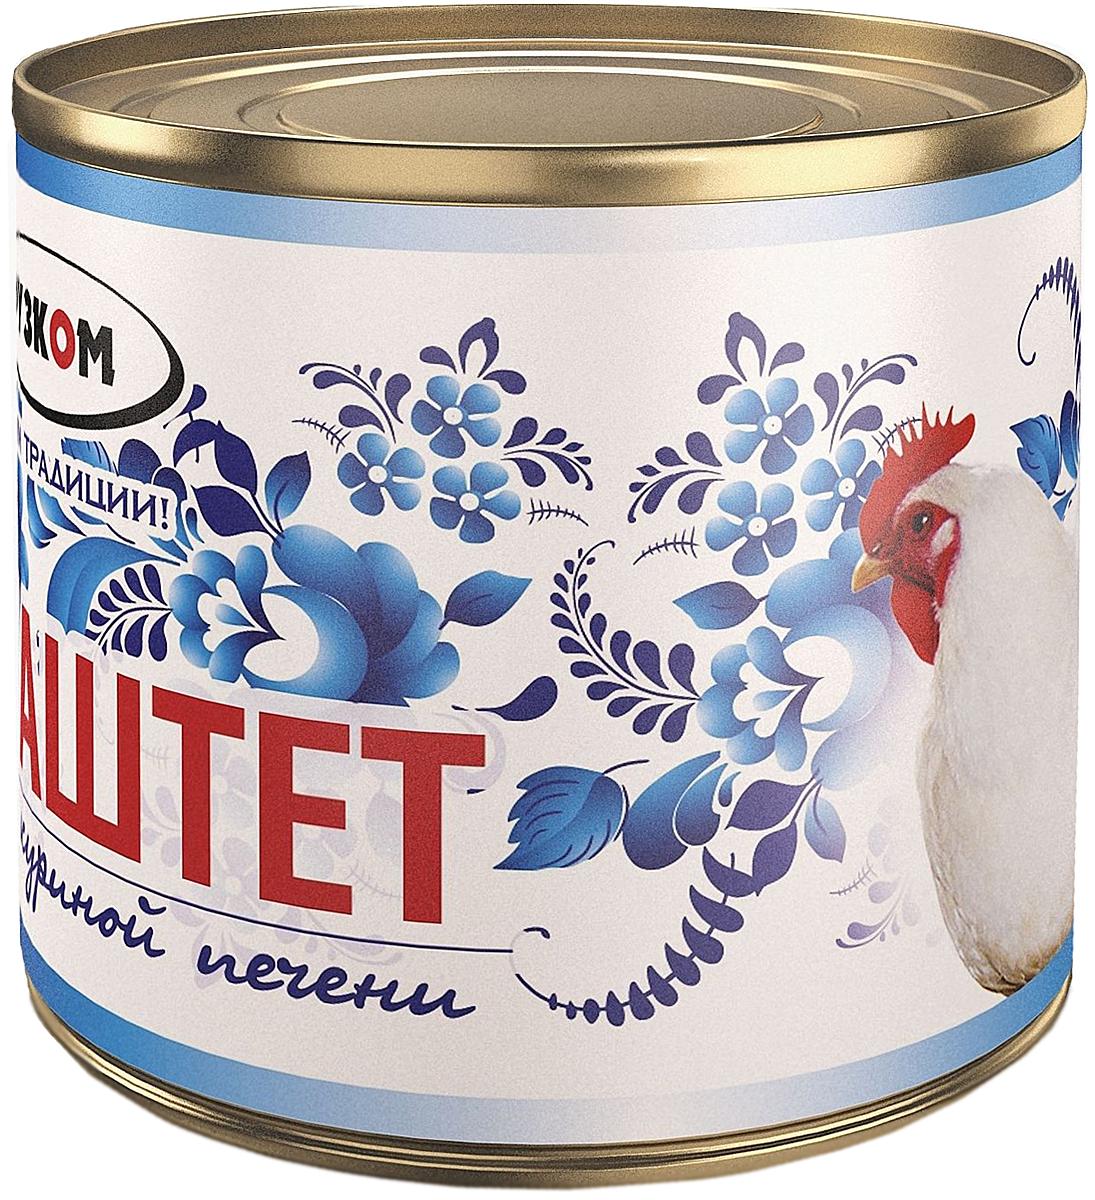 Рузком паштет из куриной печени литография, 240 г4606411009913Паштет из куриной печени. Продукт готов к употреблению.